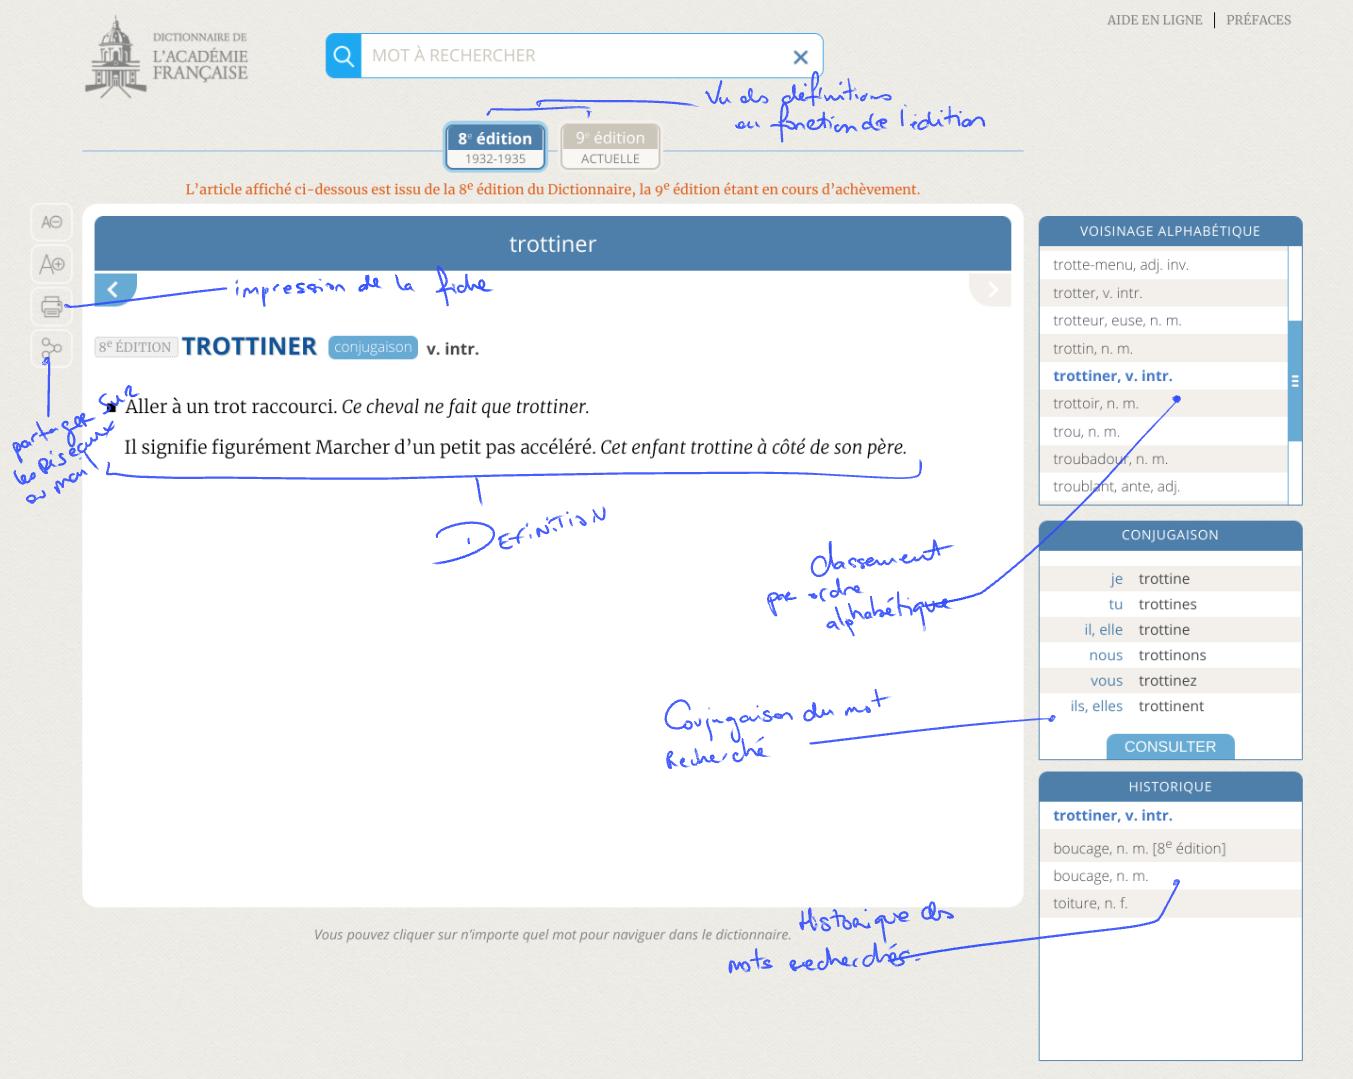 Application Dictionnaire de l'académie Française